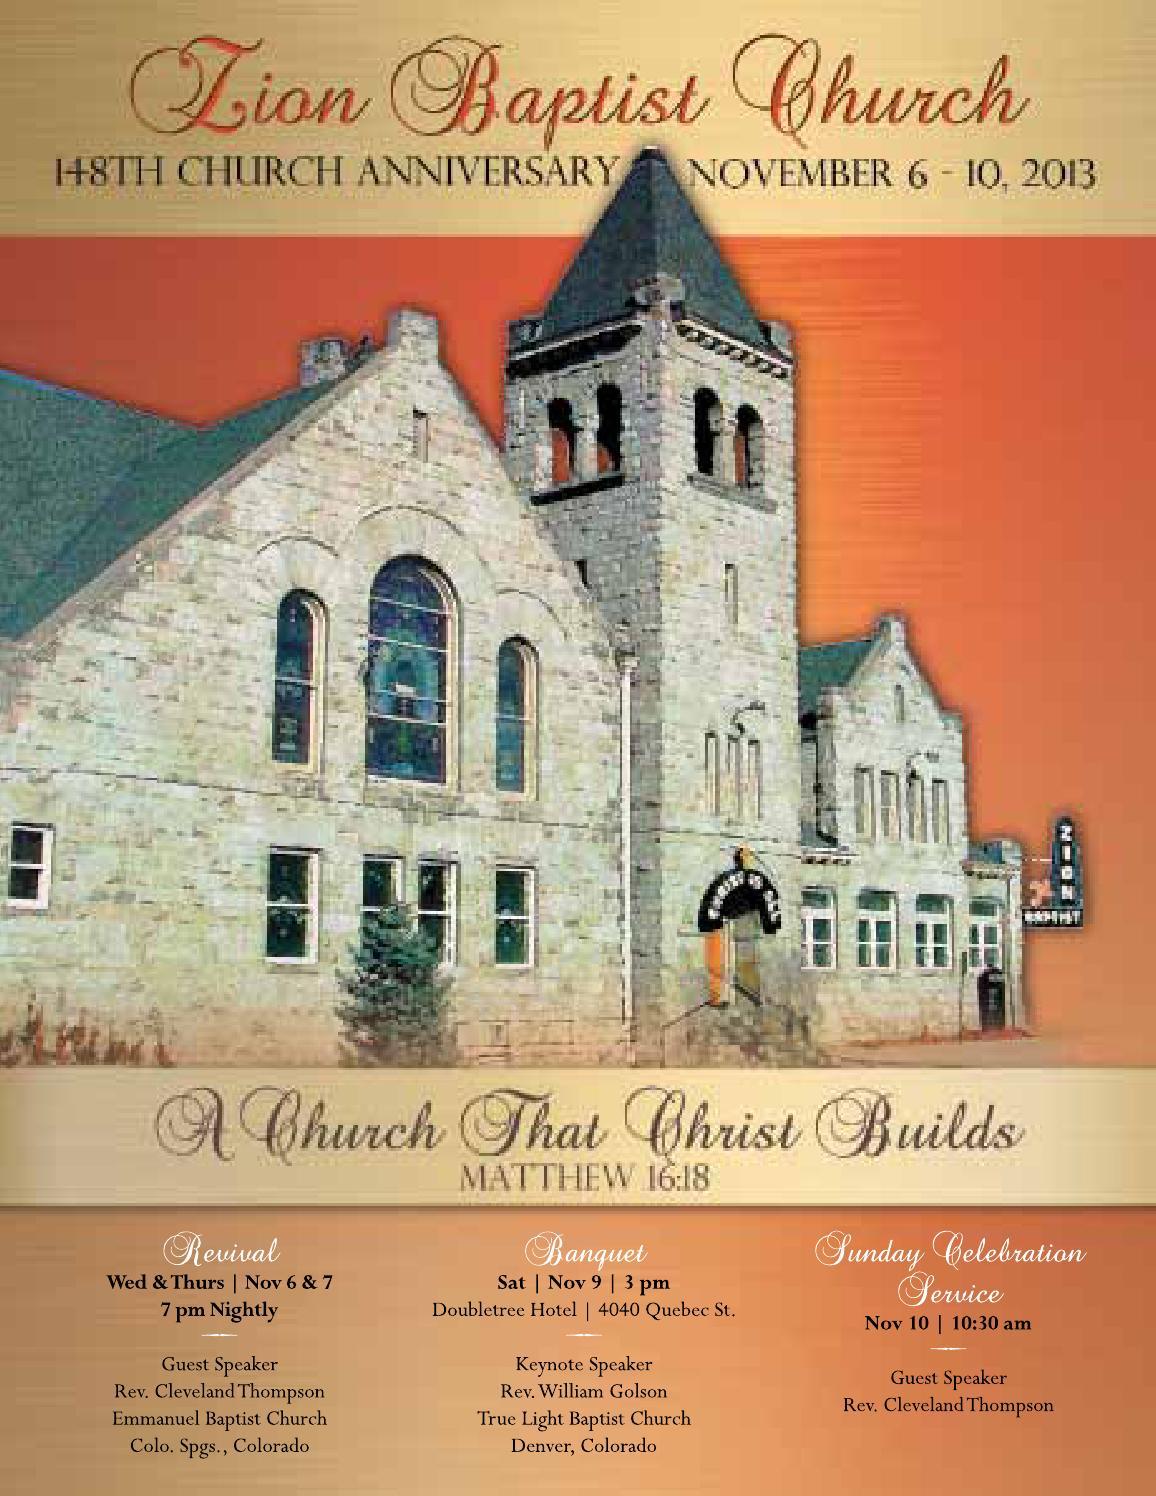 Zion Baptist Church 148th Anniversary Souvenir Book By